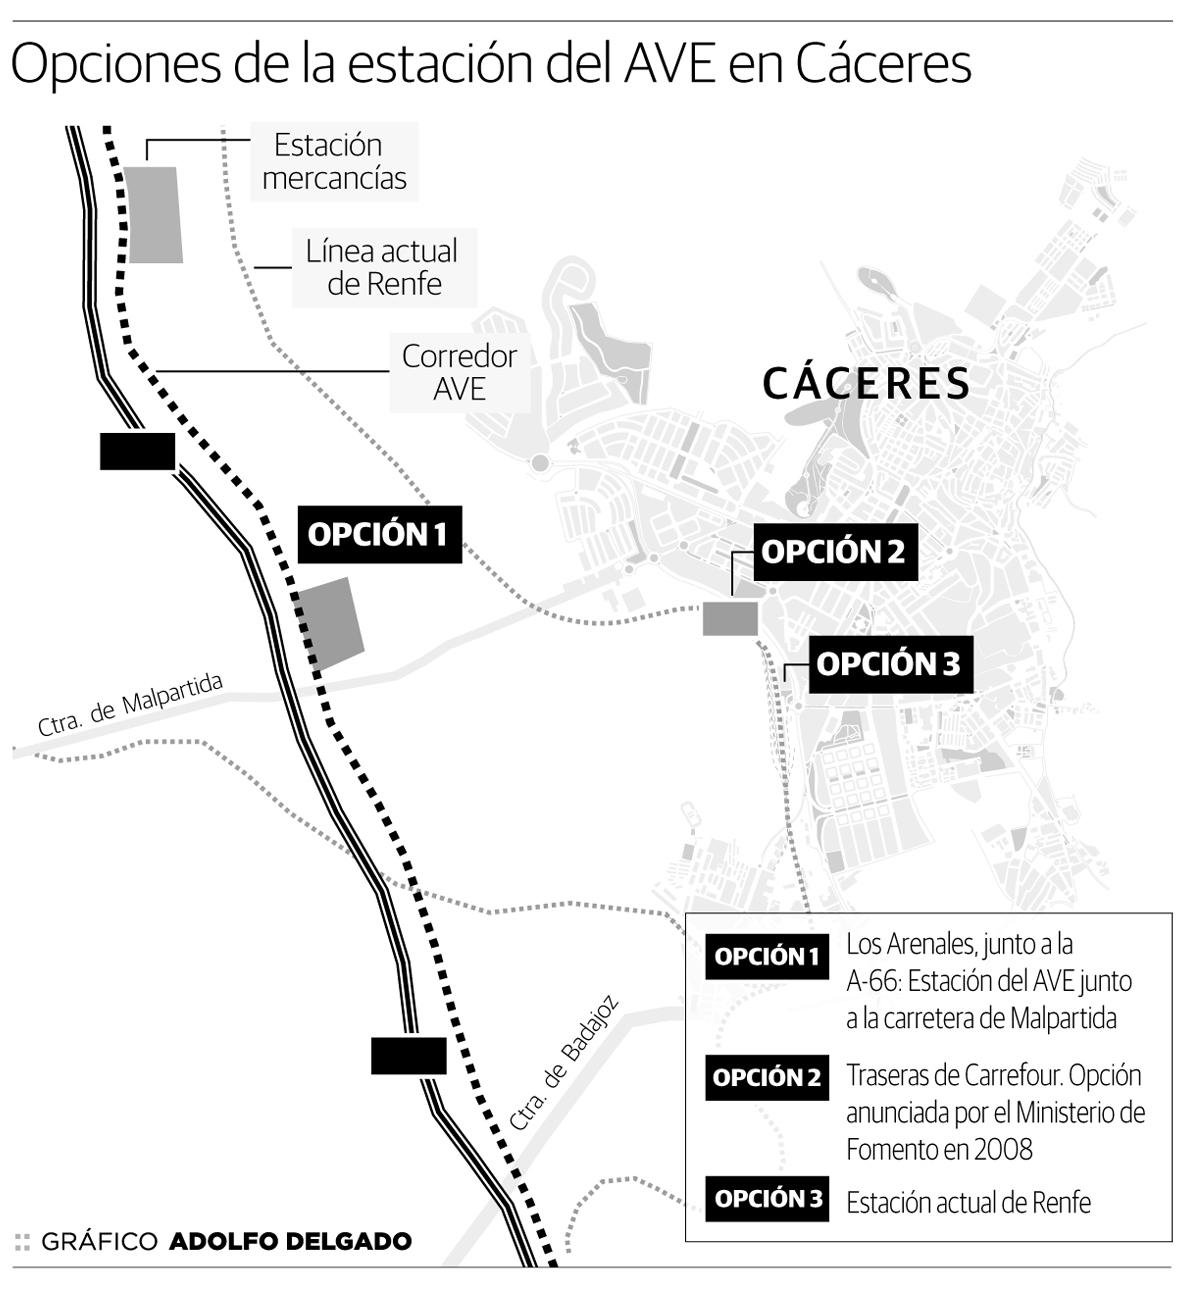 Opciones de la estación del AVE en Cáceres